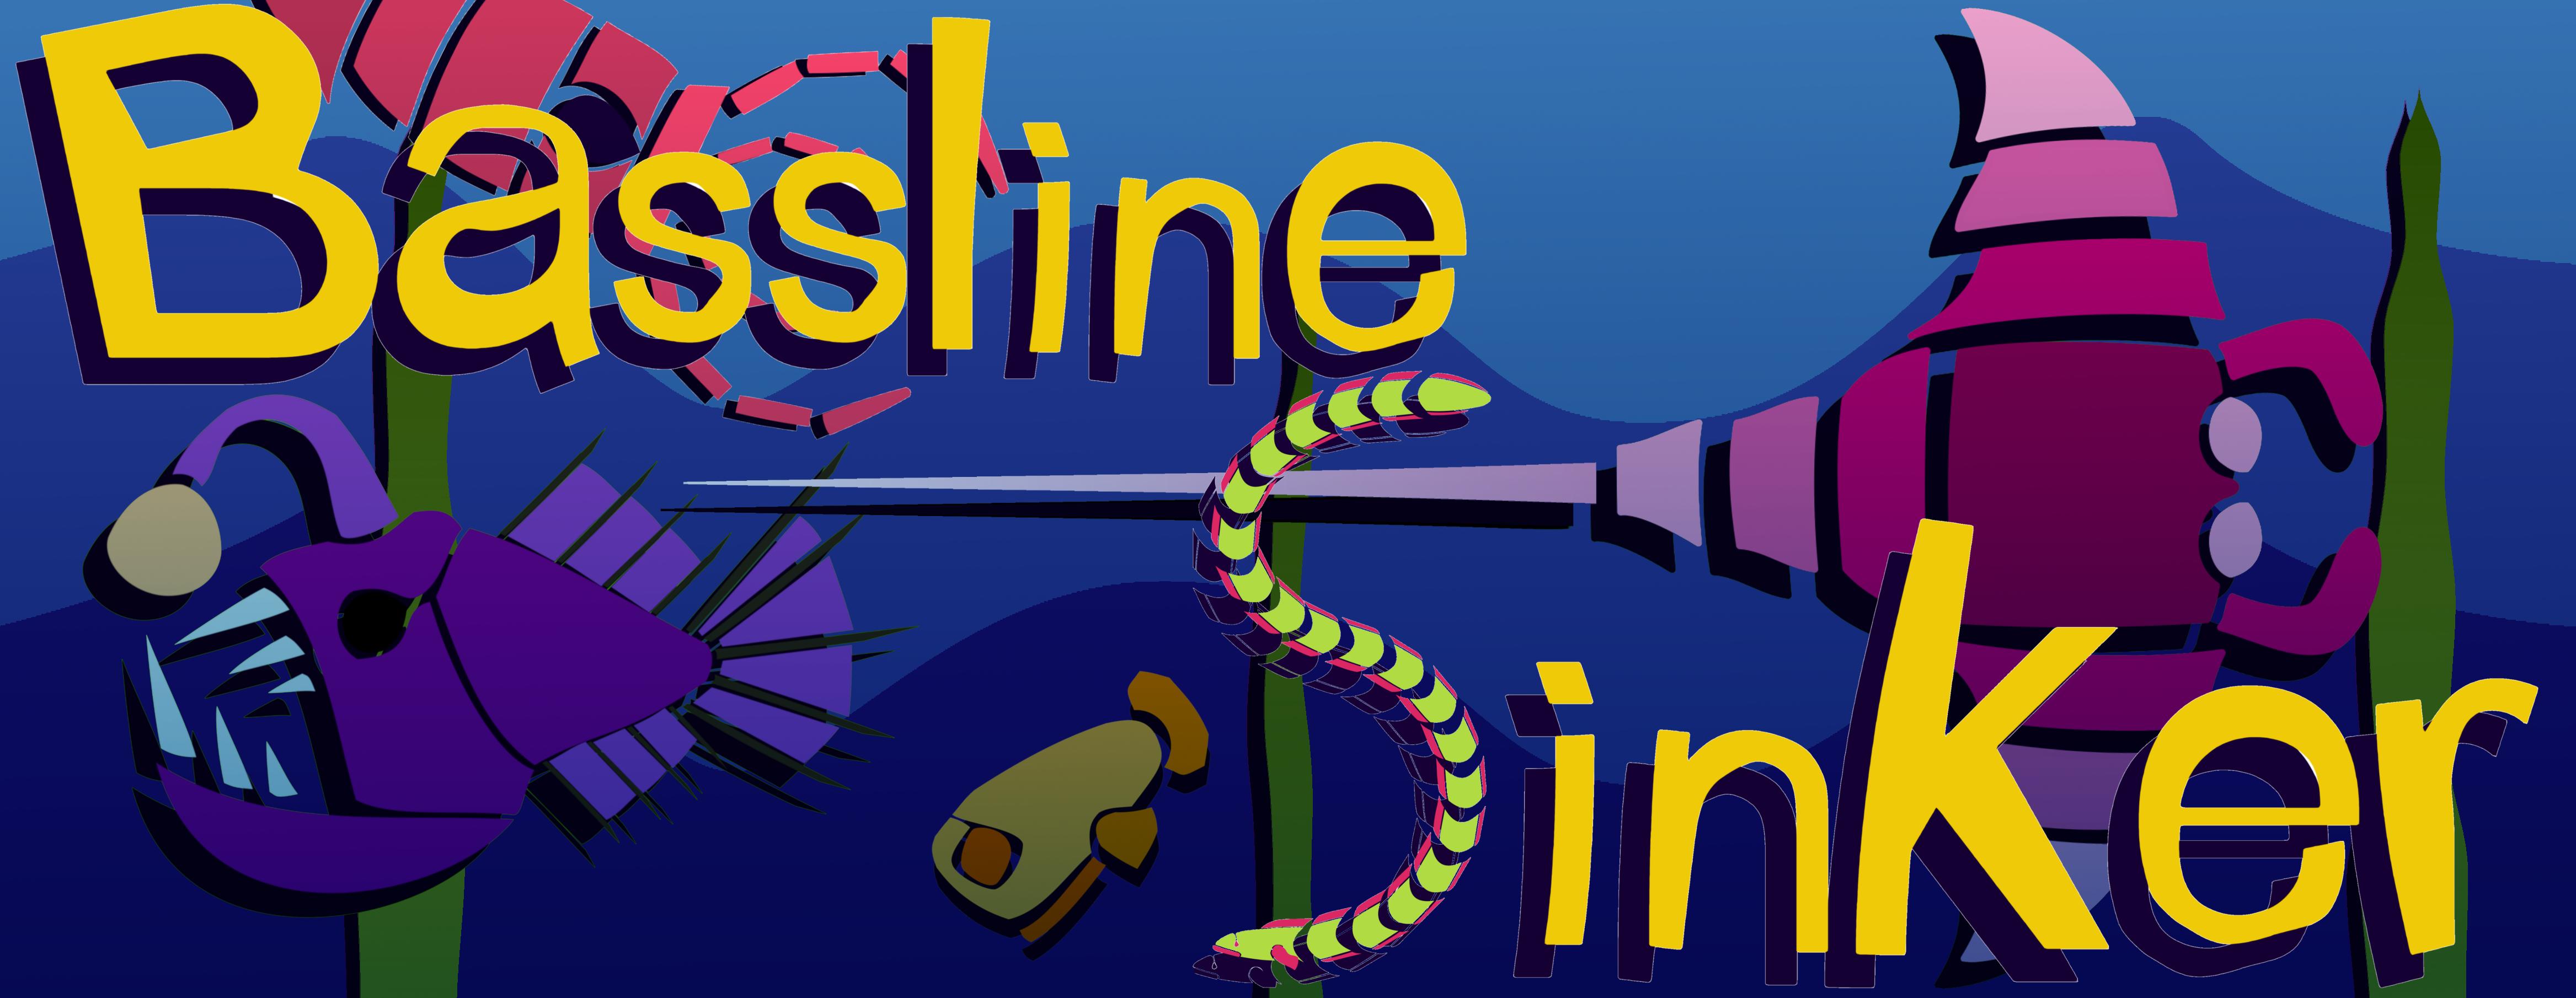 Bassline Sinker